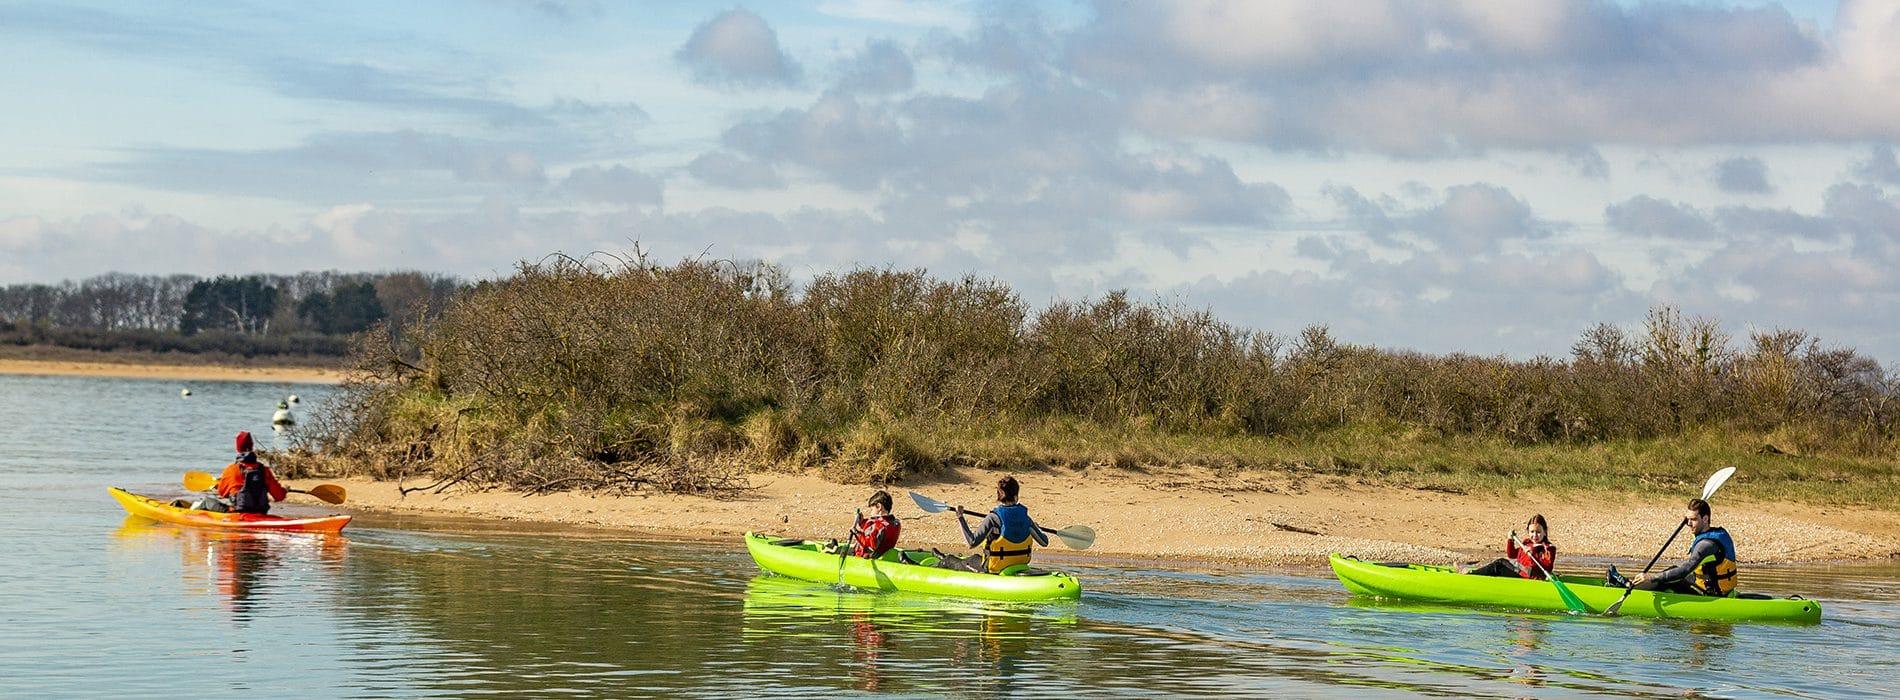 Balade en canoë-kayak dans la baie de Sallenelles, Calvados